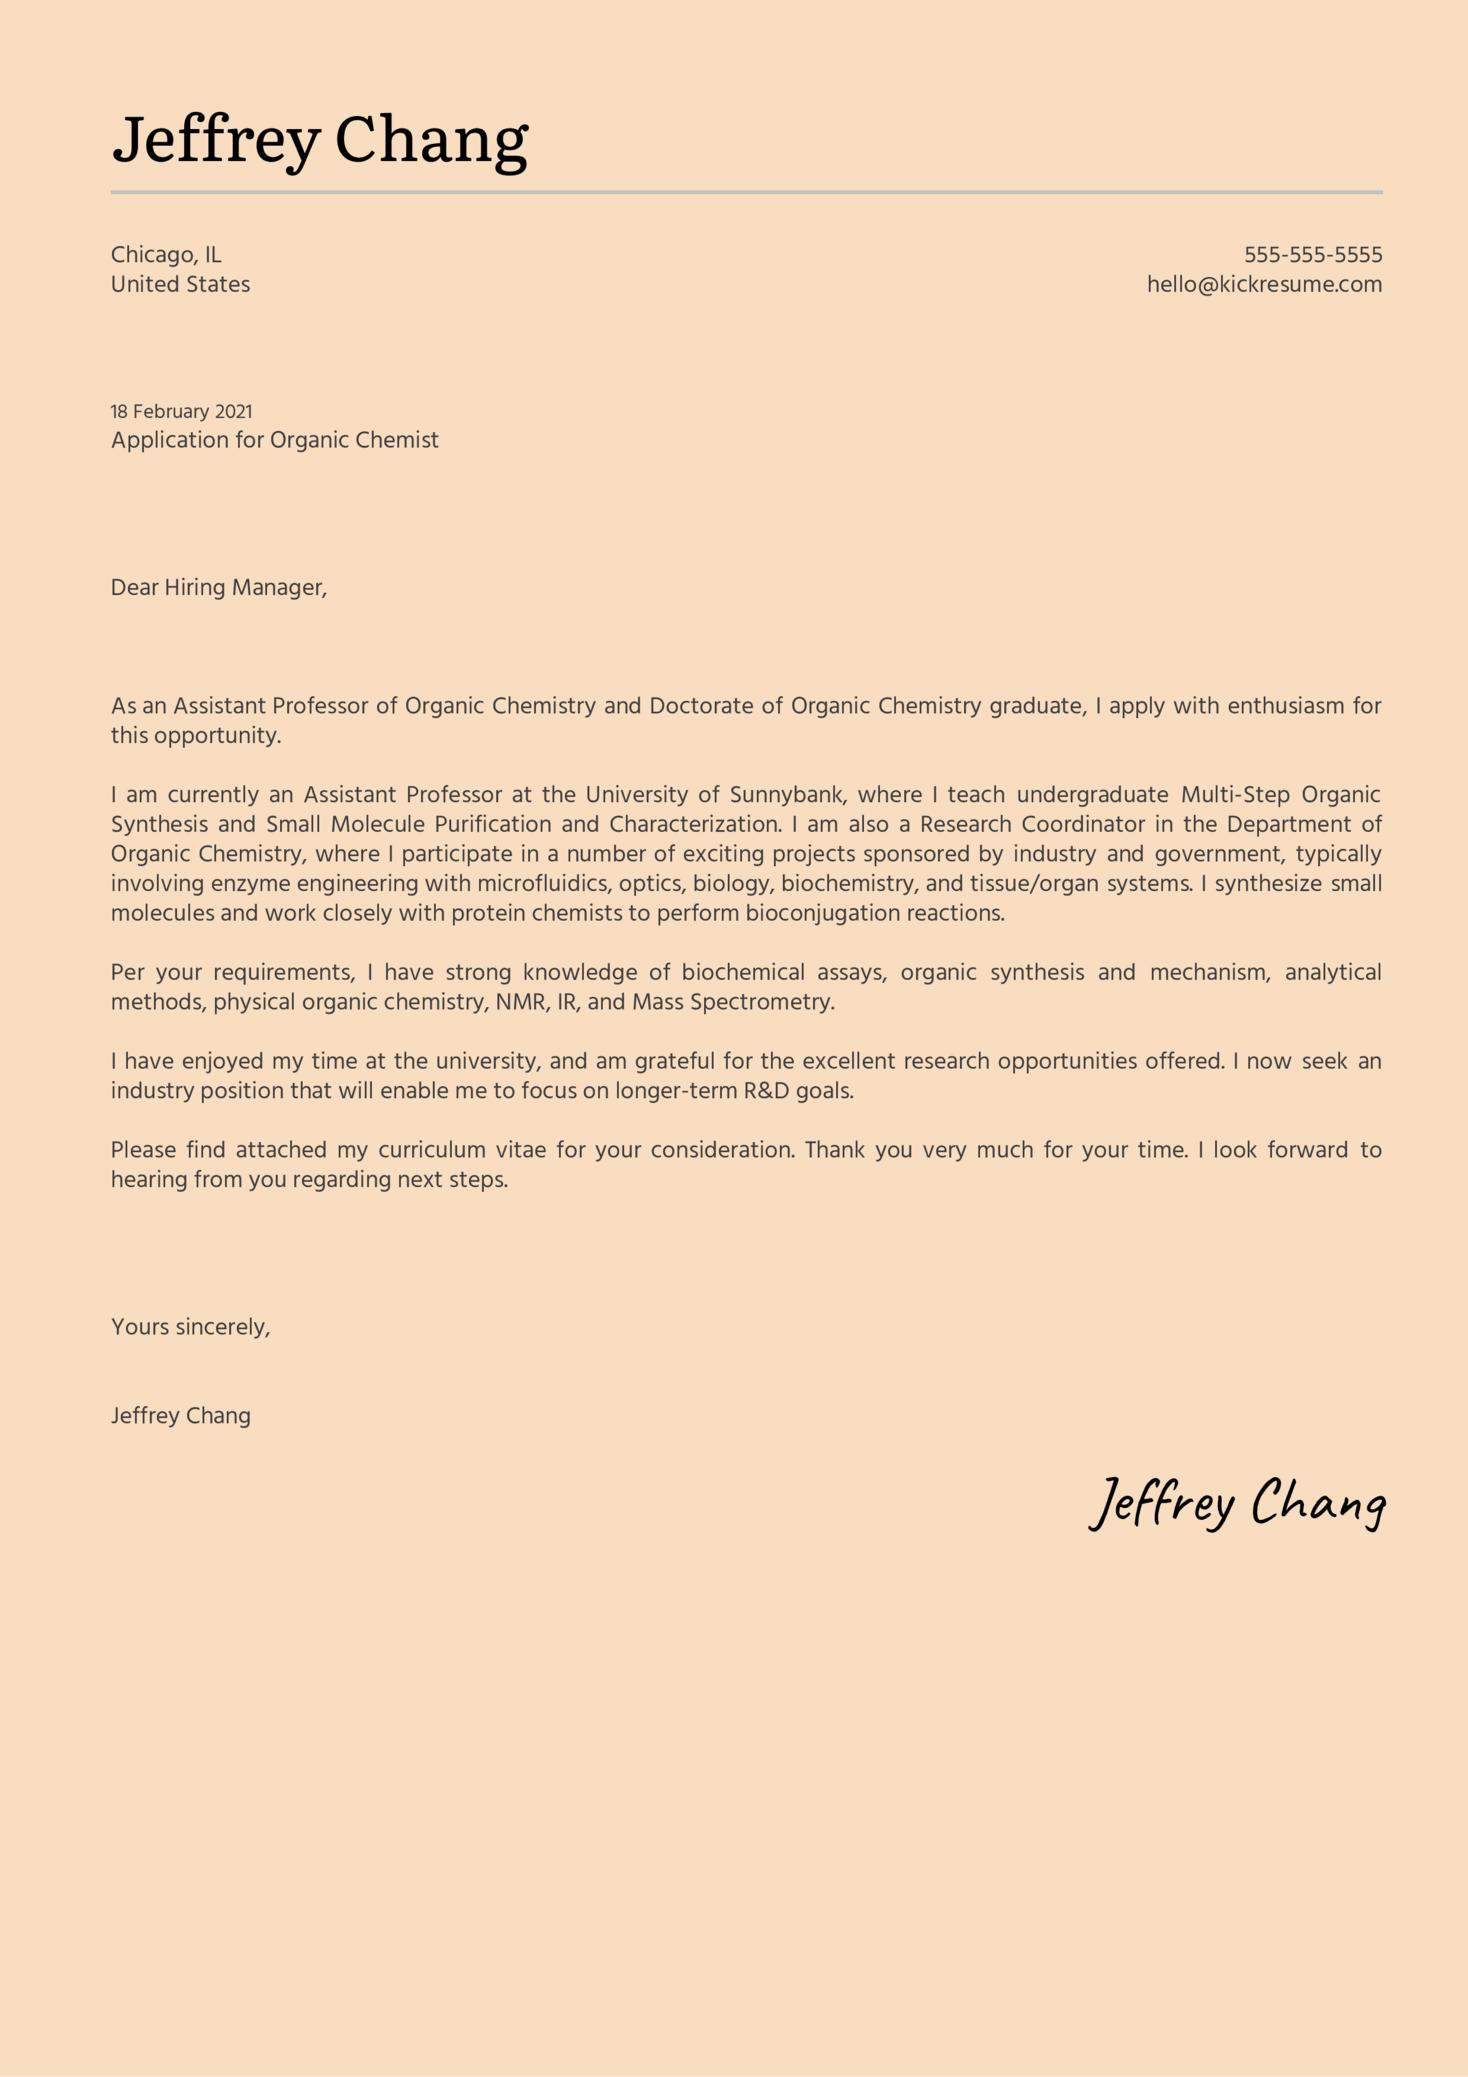 Organic Chemist Cover Letter Sample